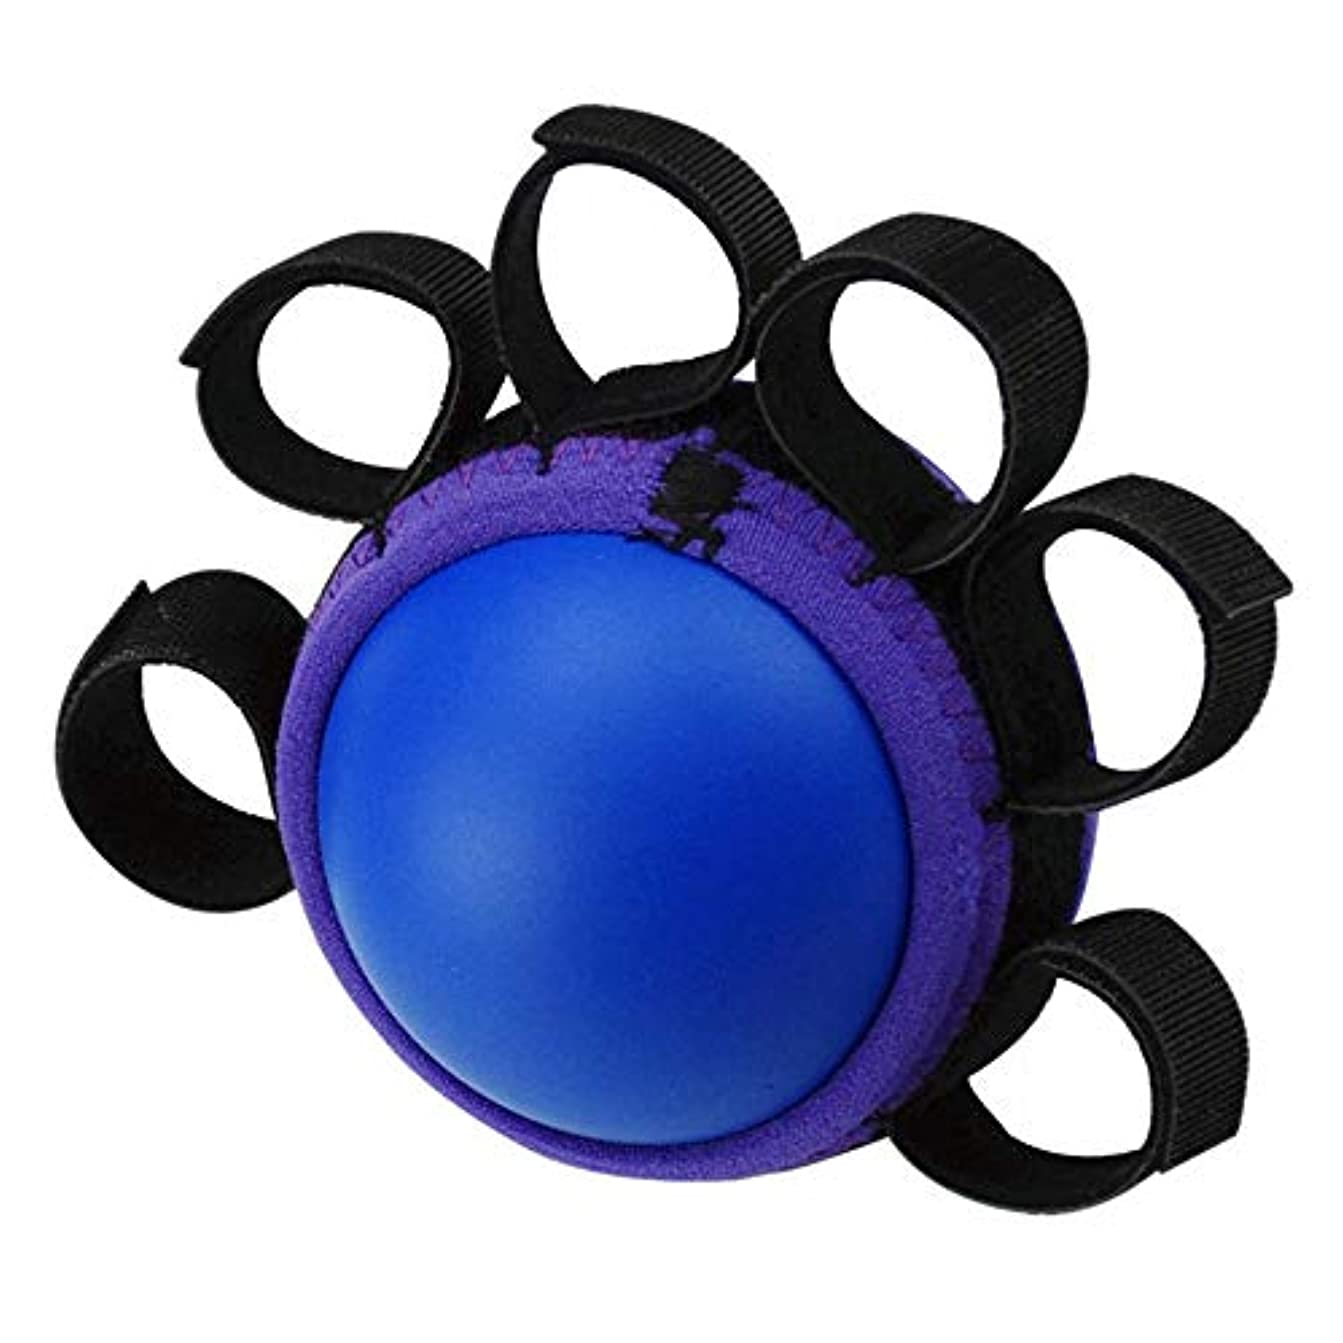 パン屋クラス無秩序トレーニングハンドグリップグリップフィンガーエクササイズリハビリテーションフィットネス機器筋力ボール練習用ゴム